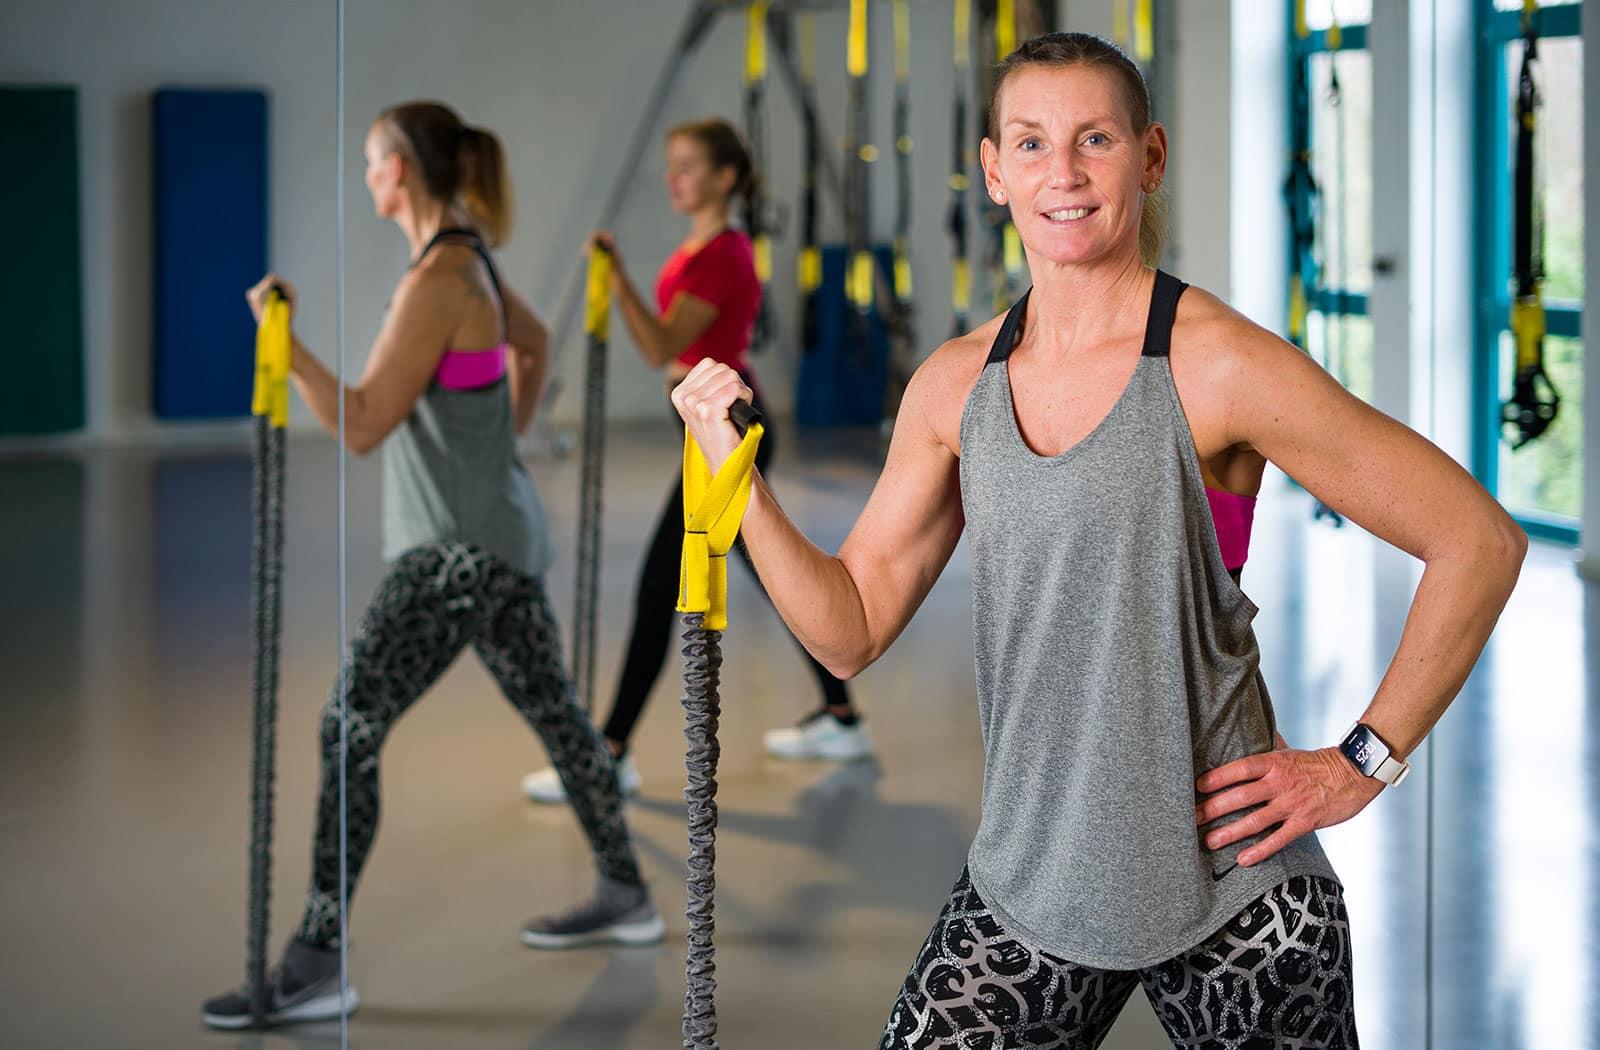 Intensiv kräftigendes Workout, im Kursraum 1 der balance Fitnesslounge, mit dem Fokus Bauch, Beine, Po.